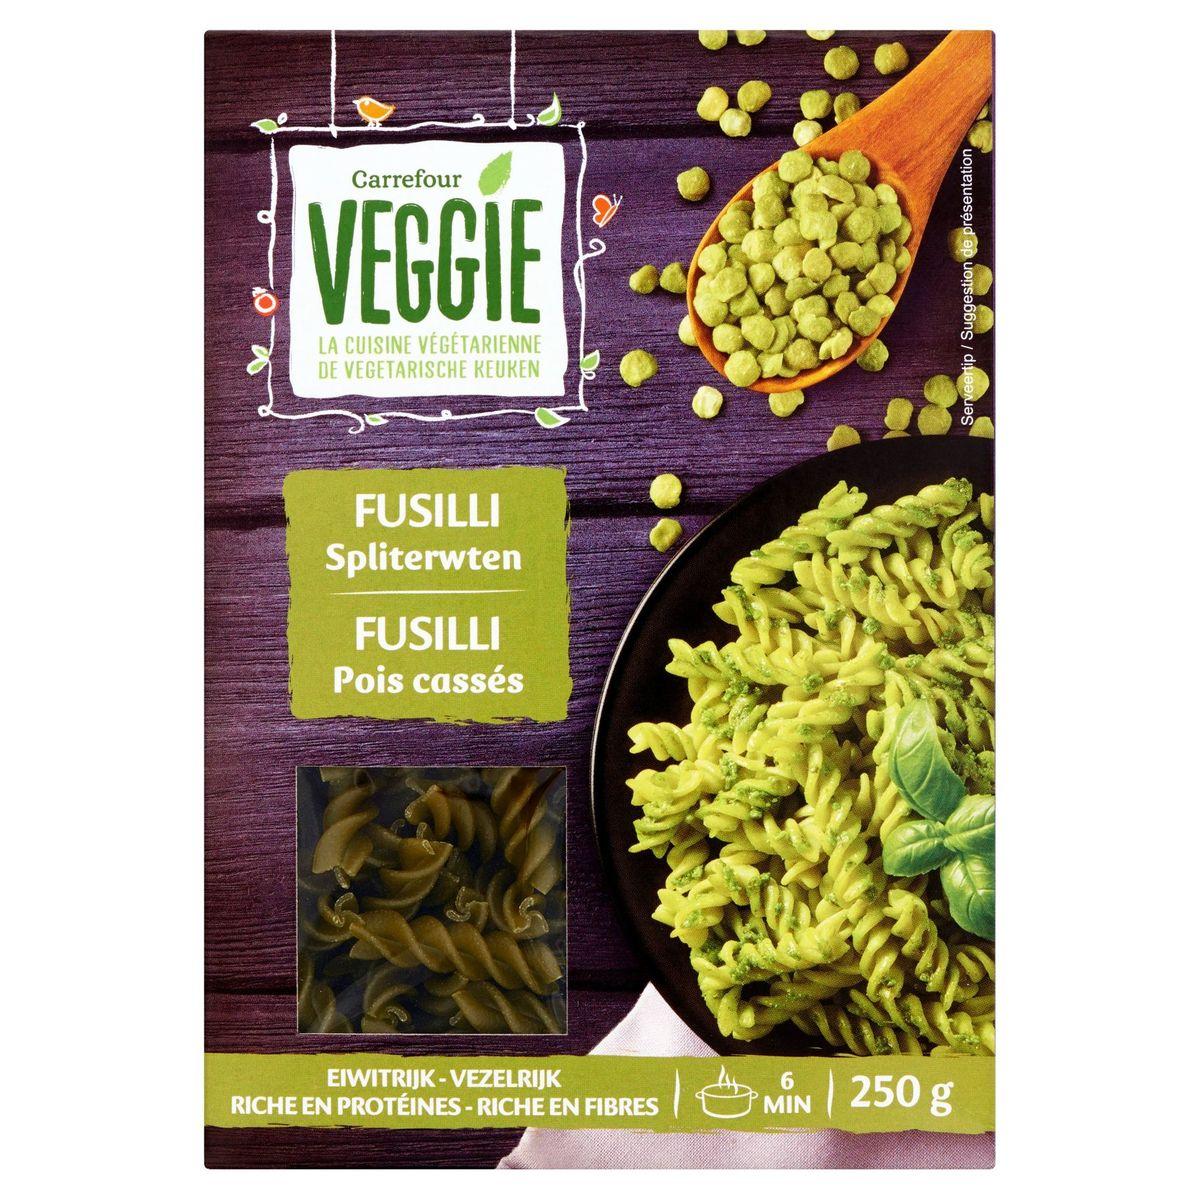 Carrefour Veggie Fusilli Spliterwten 250 g